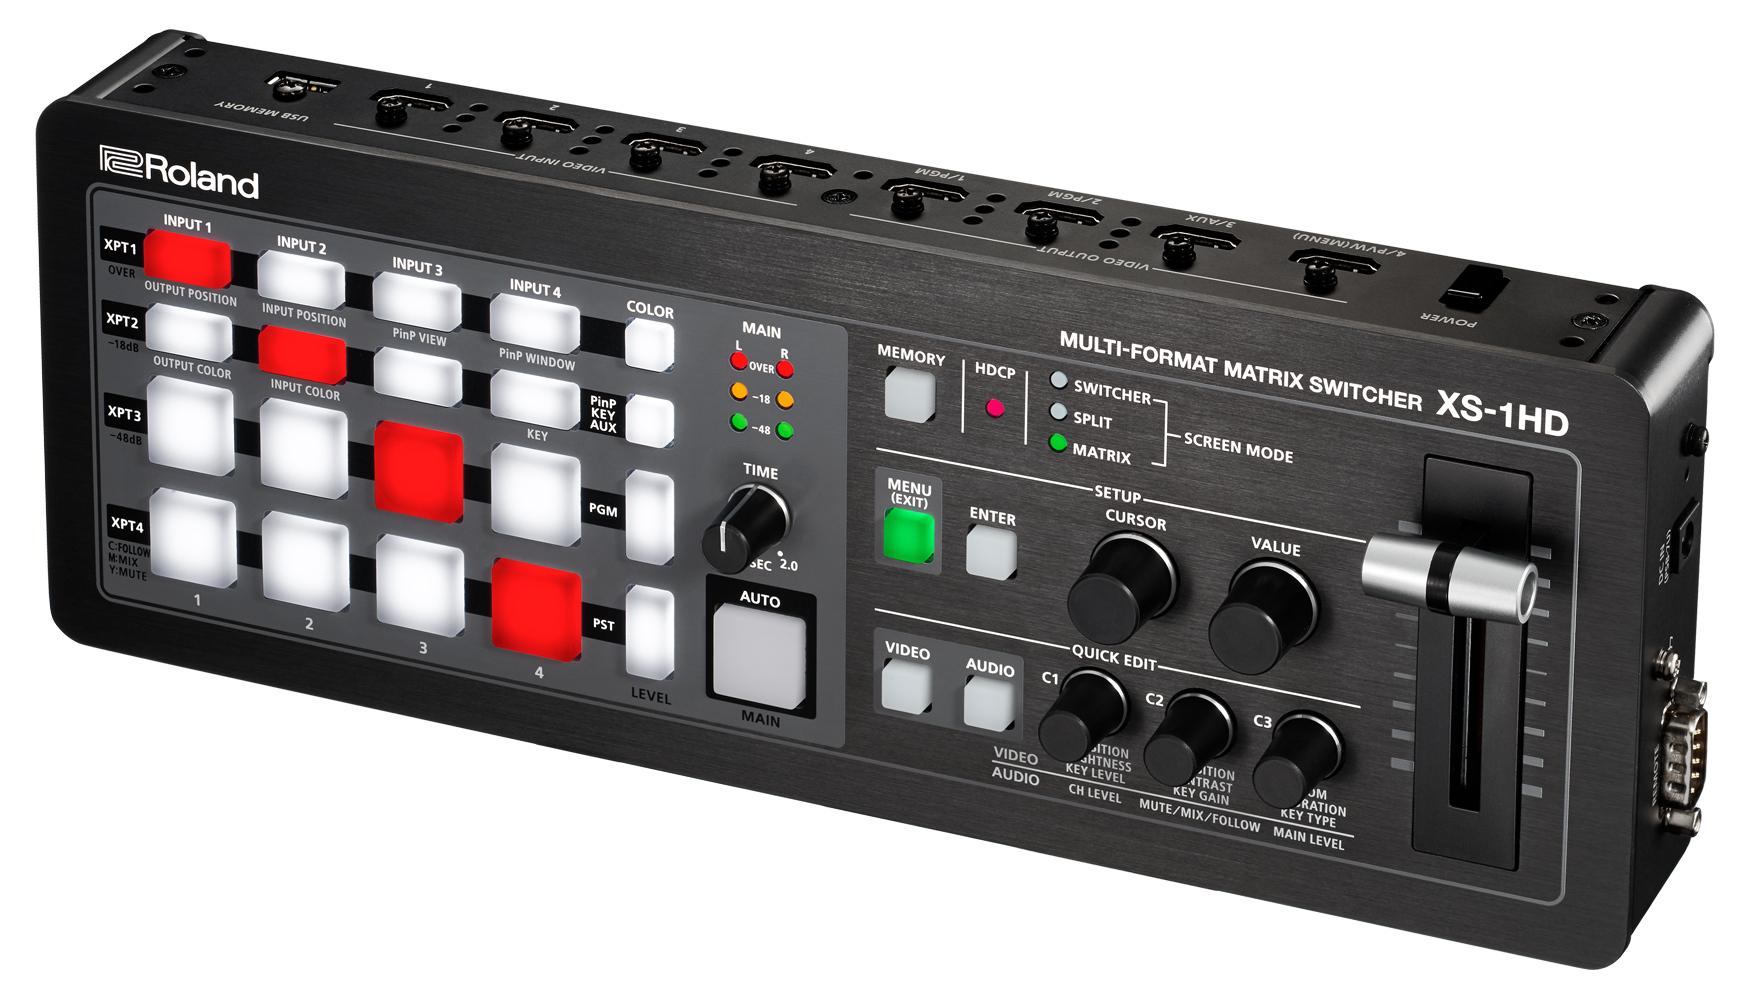 4x4 HD Multi-Format Matrix Switcher